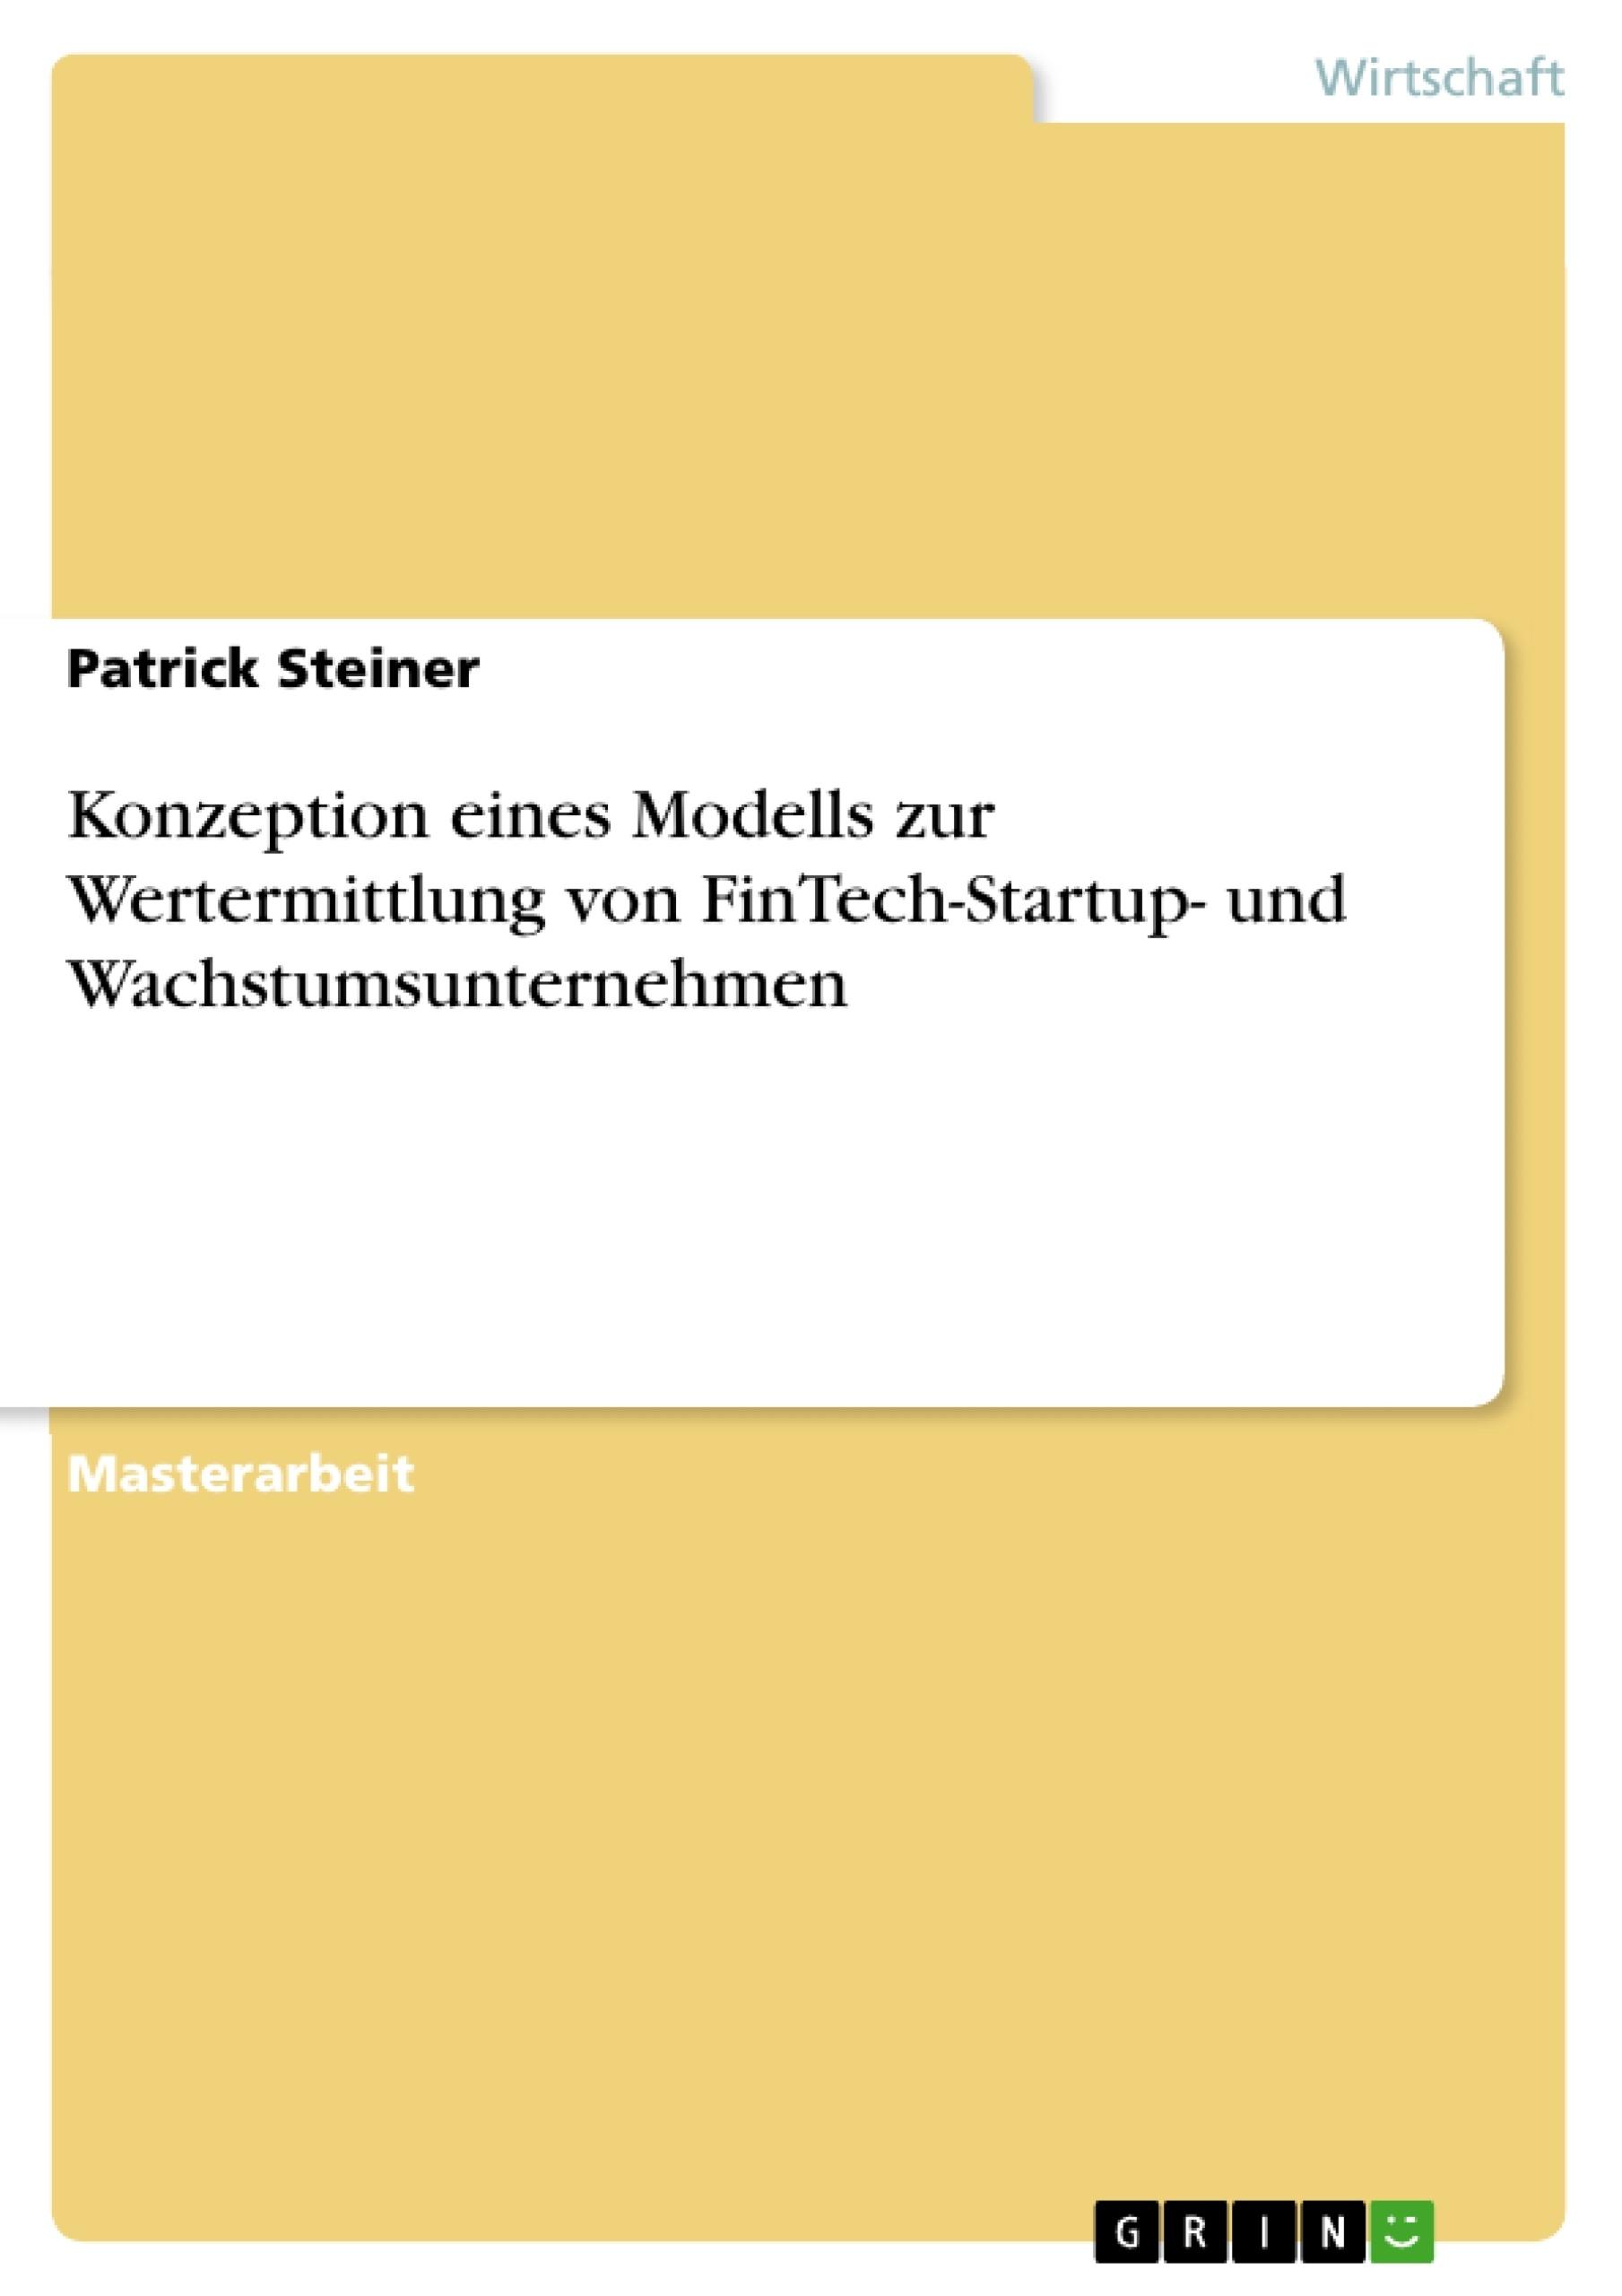 Titel: Konzeption eines Modells zur Wertermittlung von FinTech-Startup- und Wachstumsunternehmen